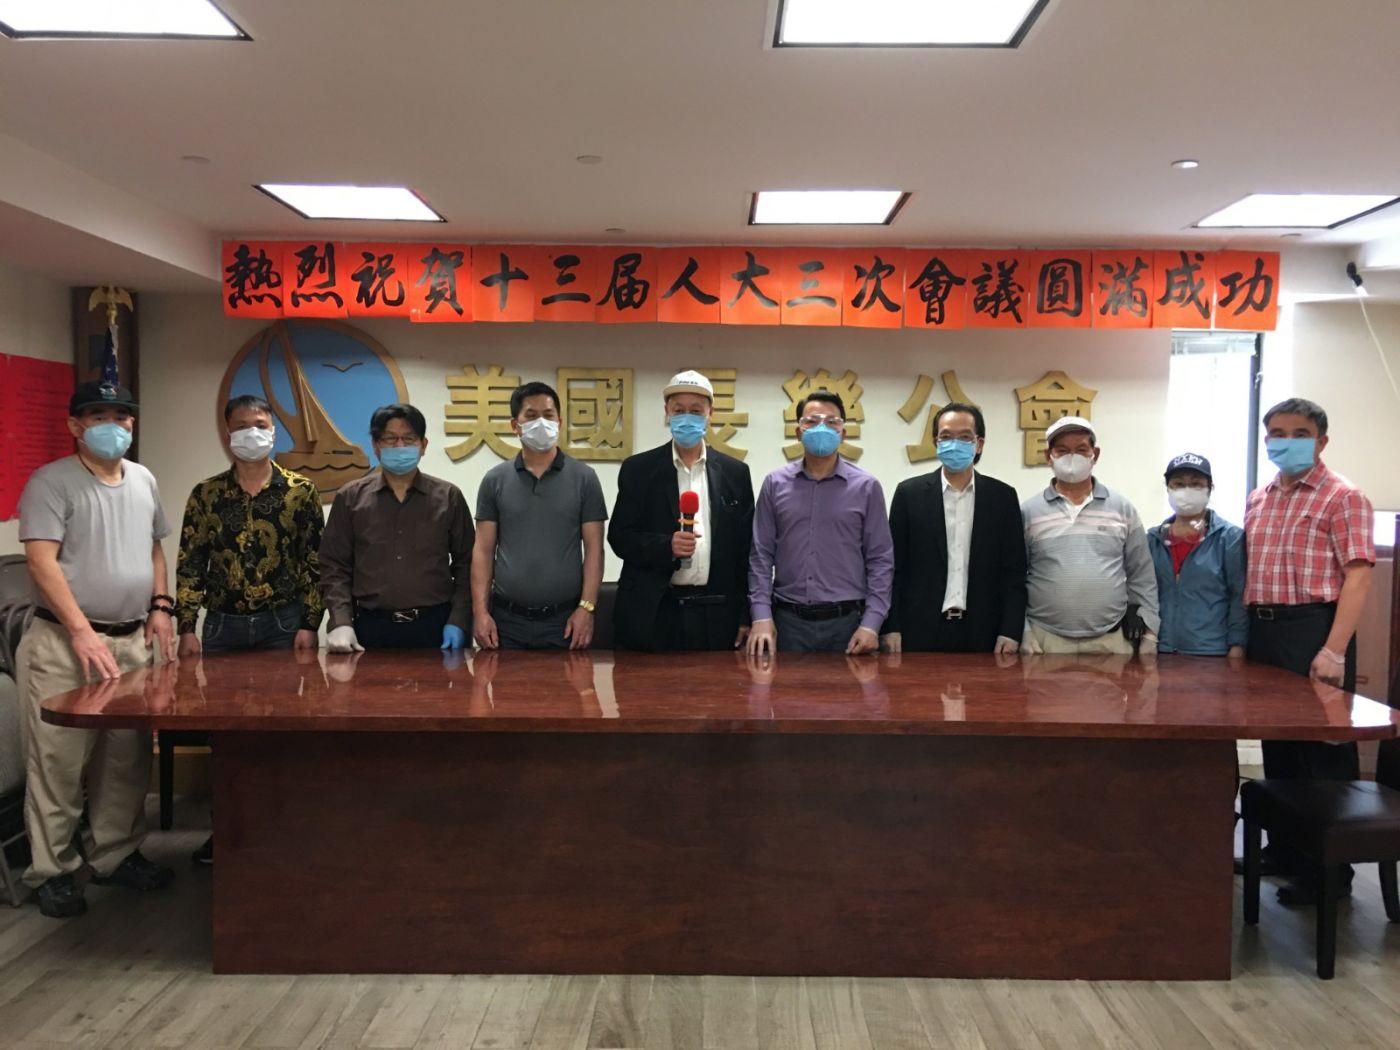 """支持立法决议 繁荣稳定香港 ——美国长乐公会座谈""""两会""""_图1-3"""